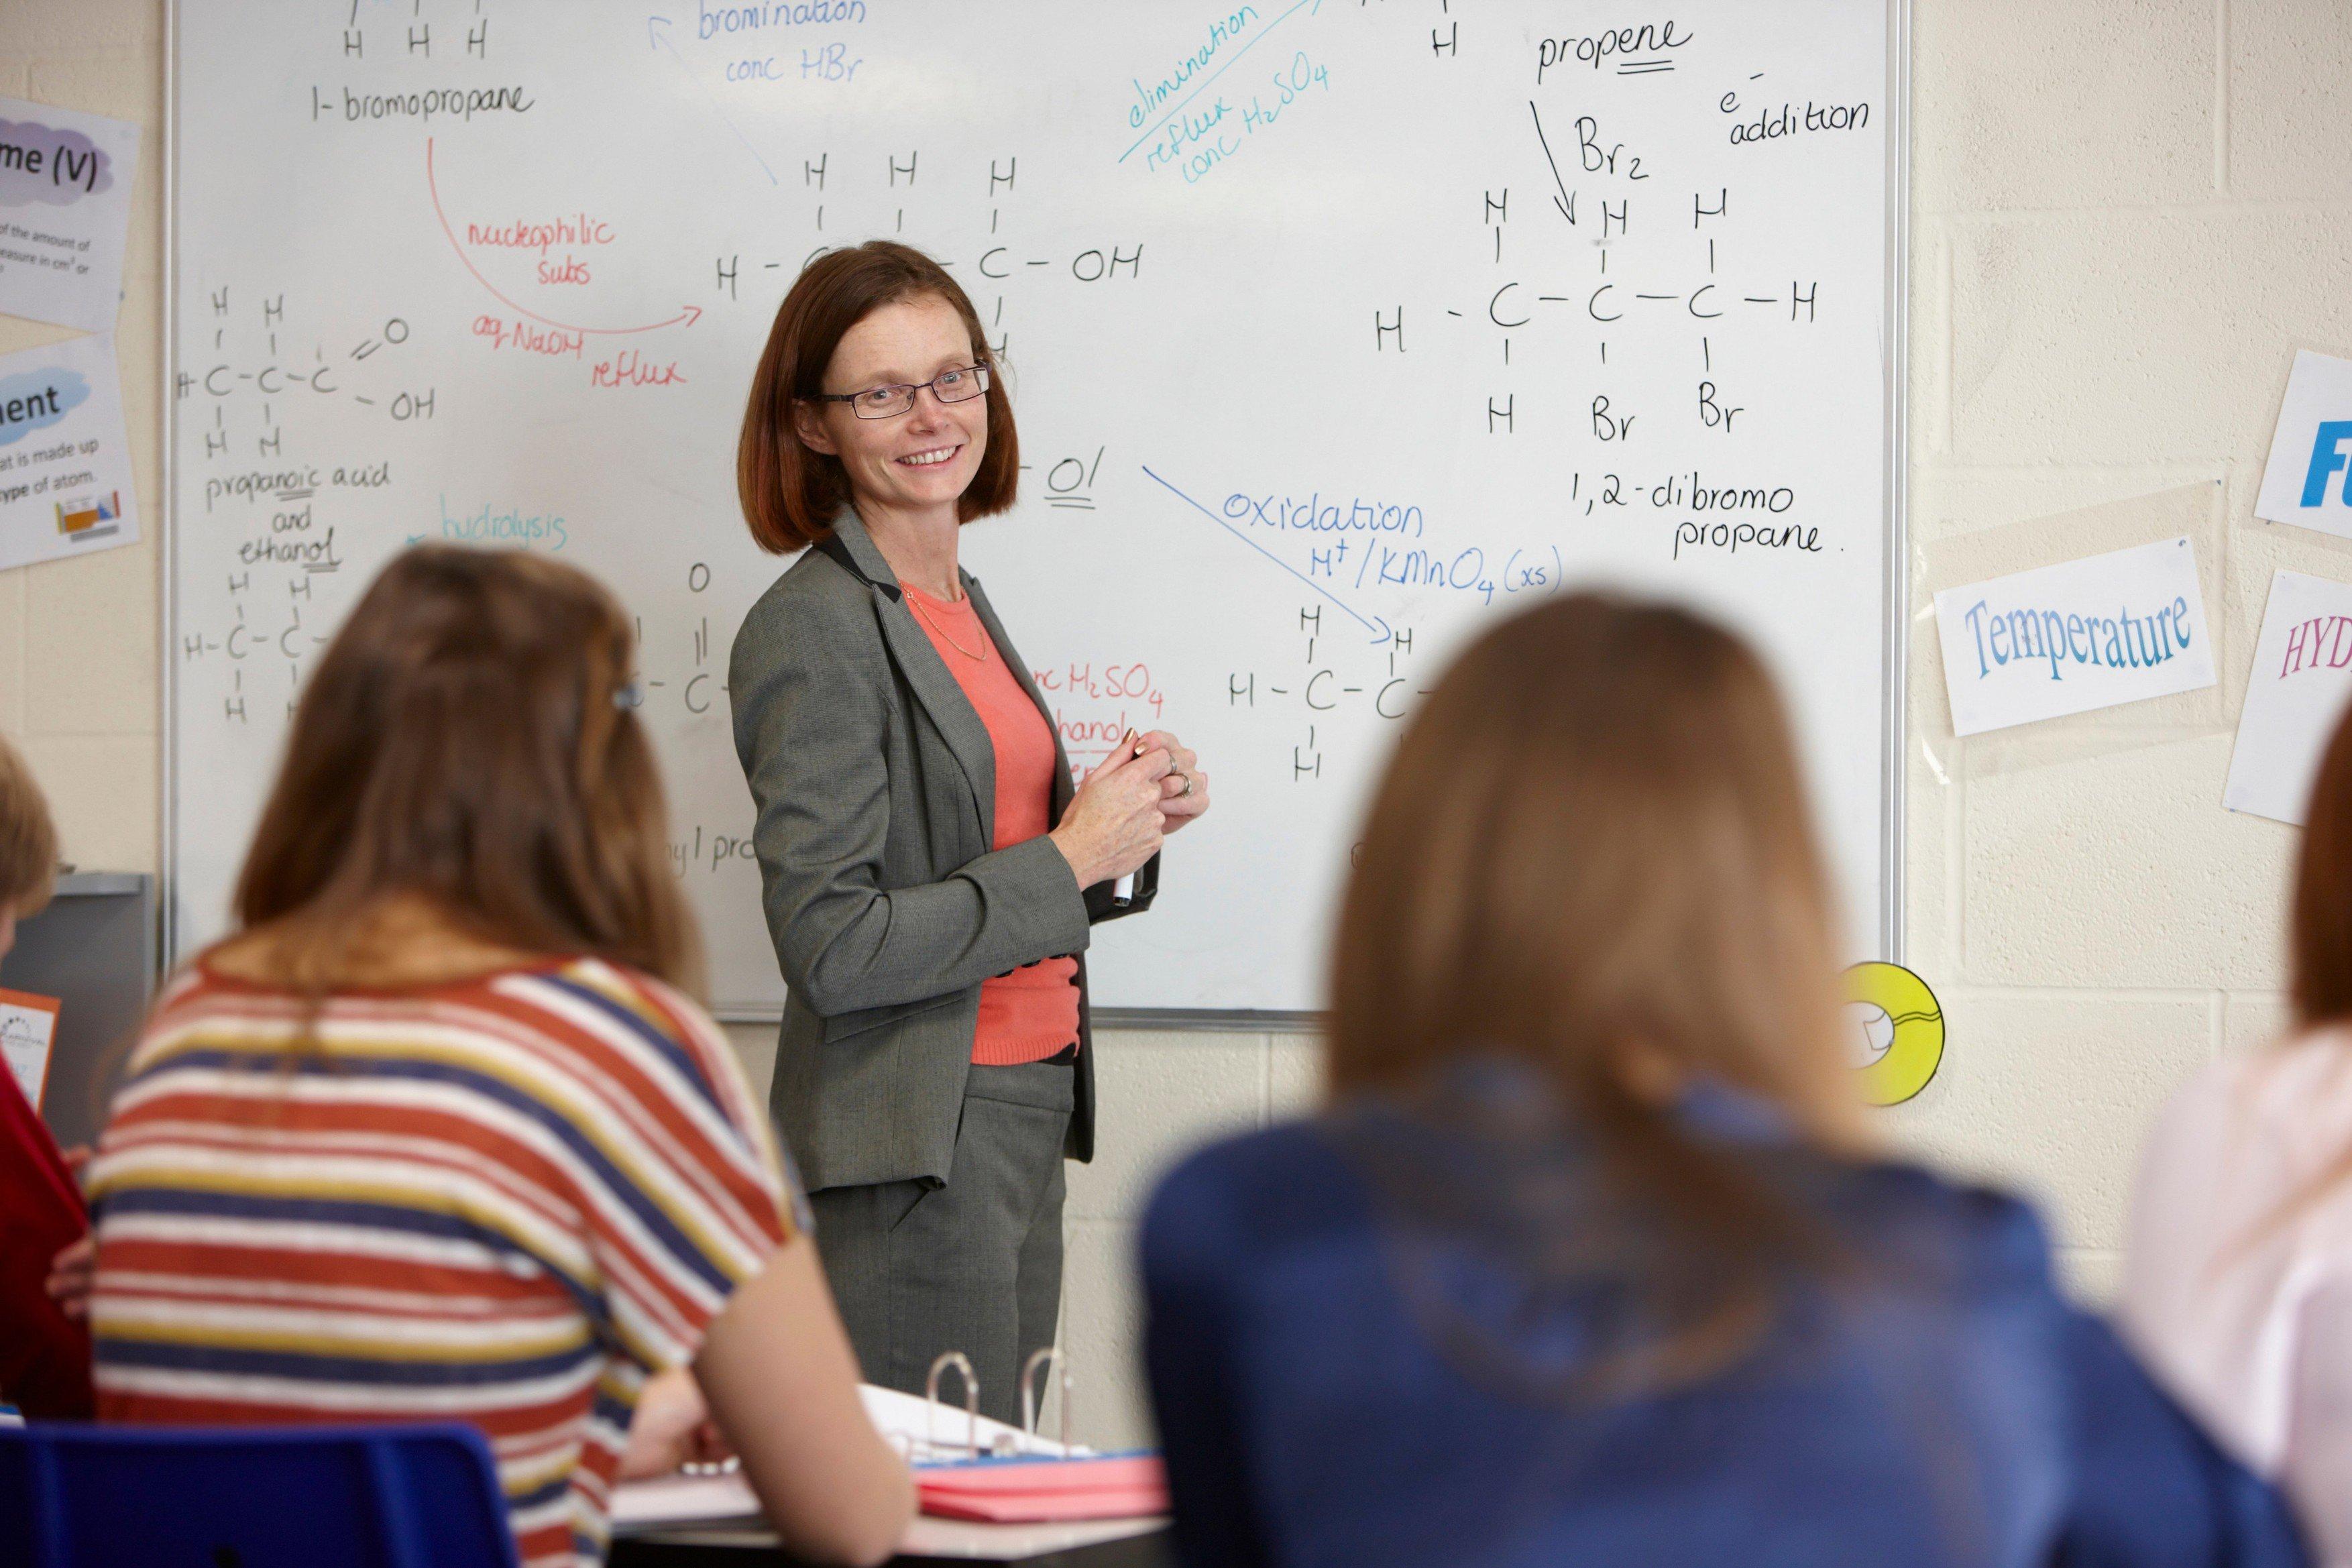 Škola, učitel, učitelka, učitelé, žáci, ilustrační snímek